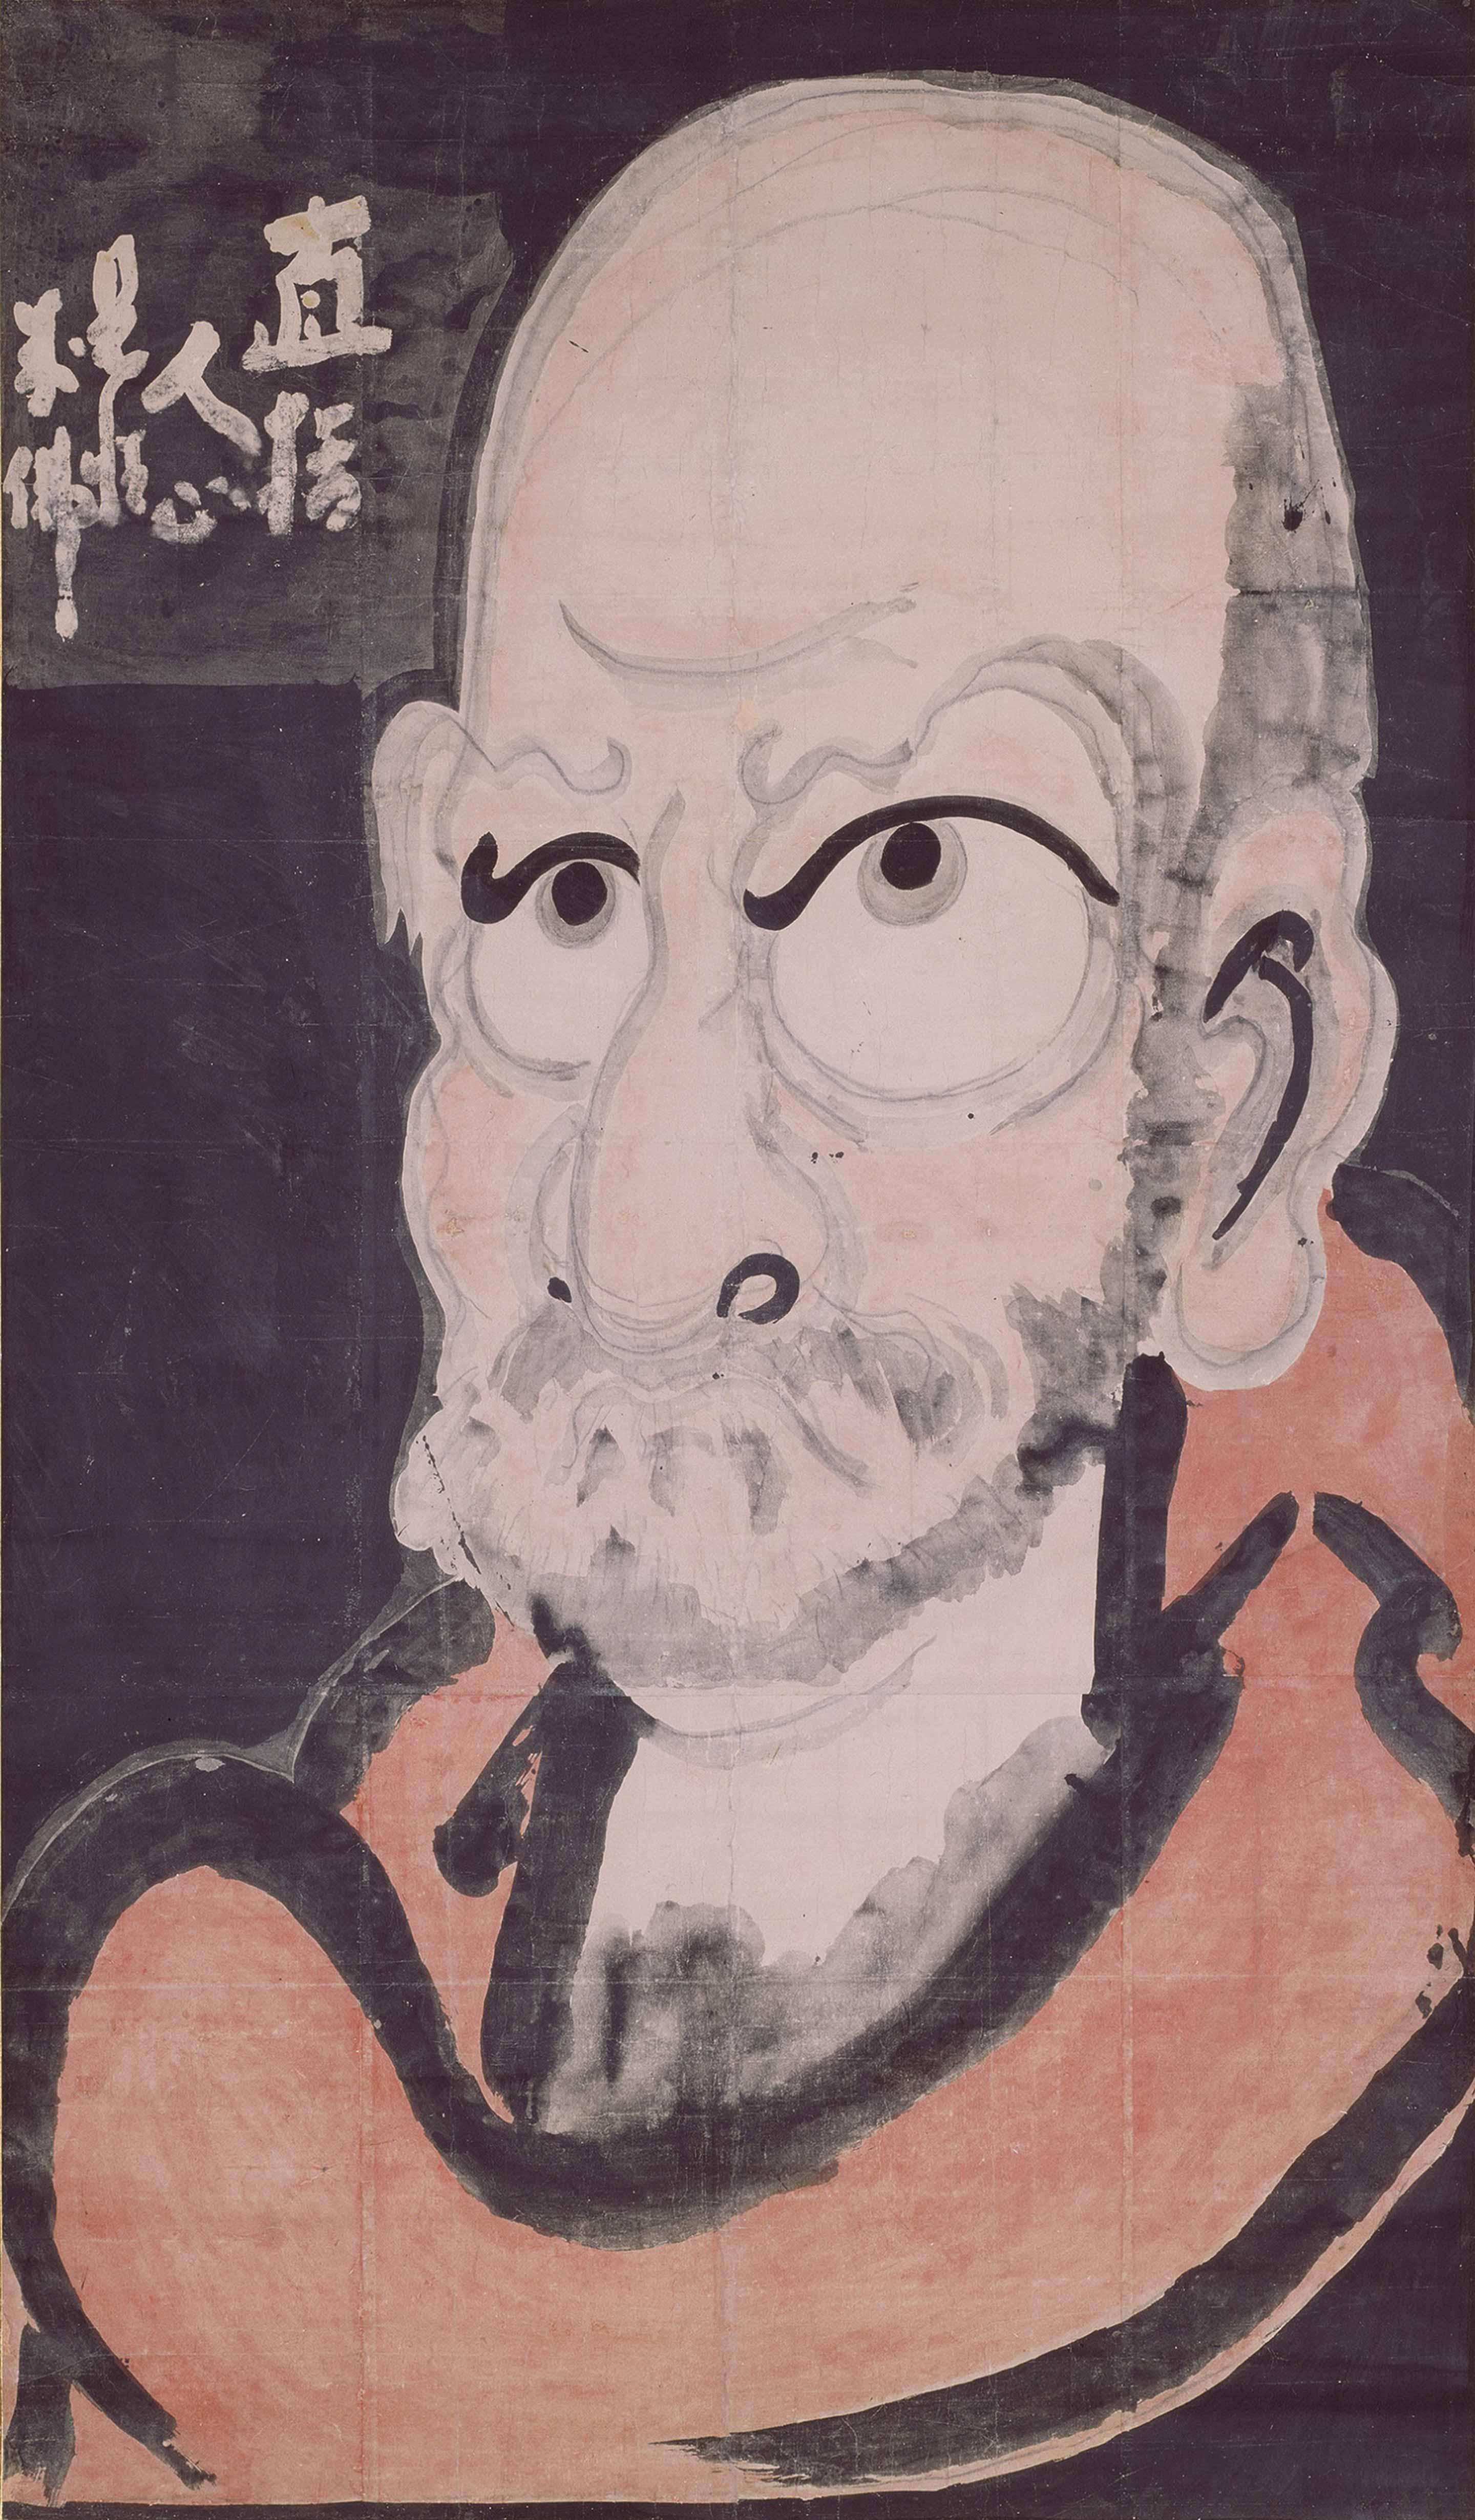 達磨像 白隠慧鶴筆 江戸時代 18世紀 大分・萬壽寺蔵 通期展示 白隠が描いた縦2メートル近い巨大な達磨像。白抜き文字は達磨の宗旨「直指人心 見性成仏」を示している。